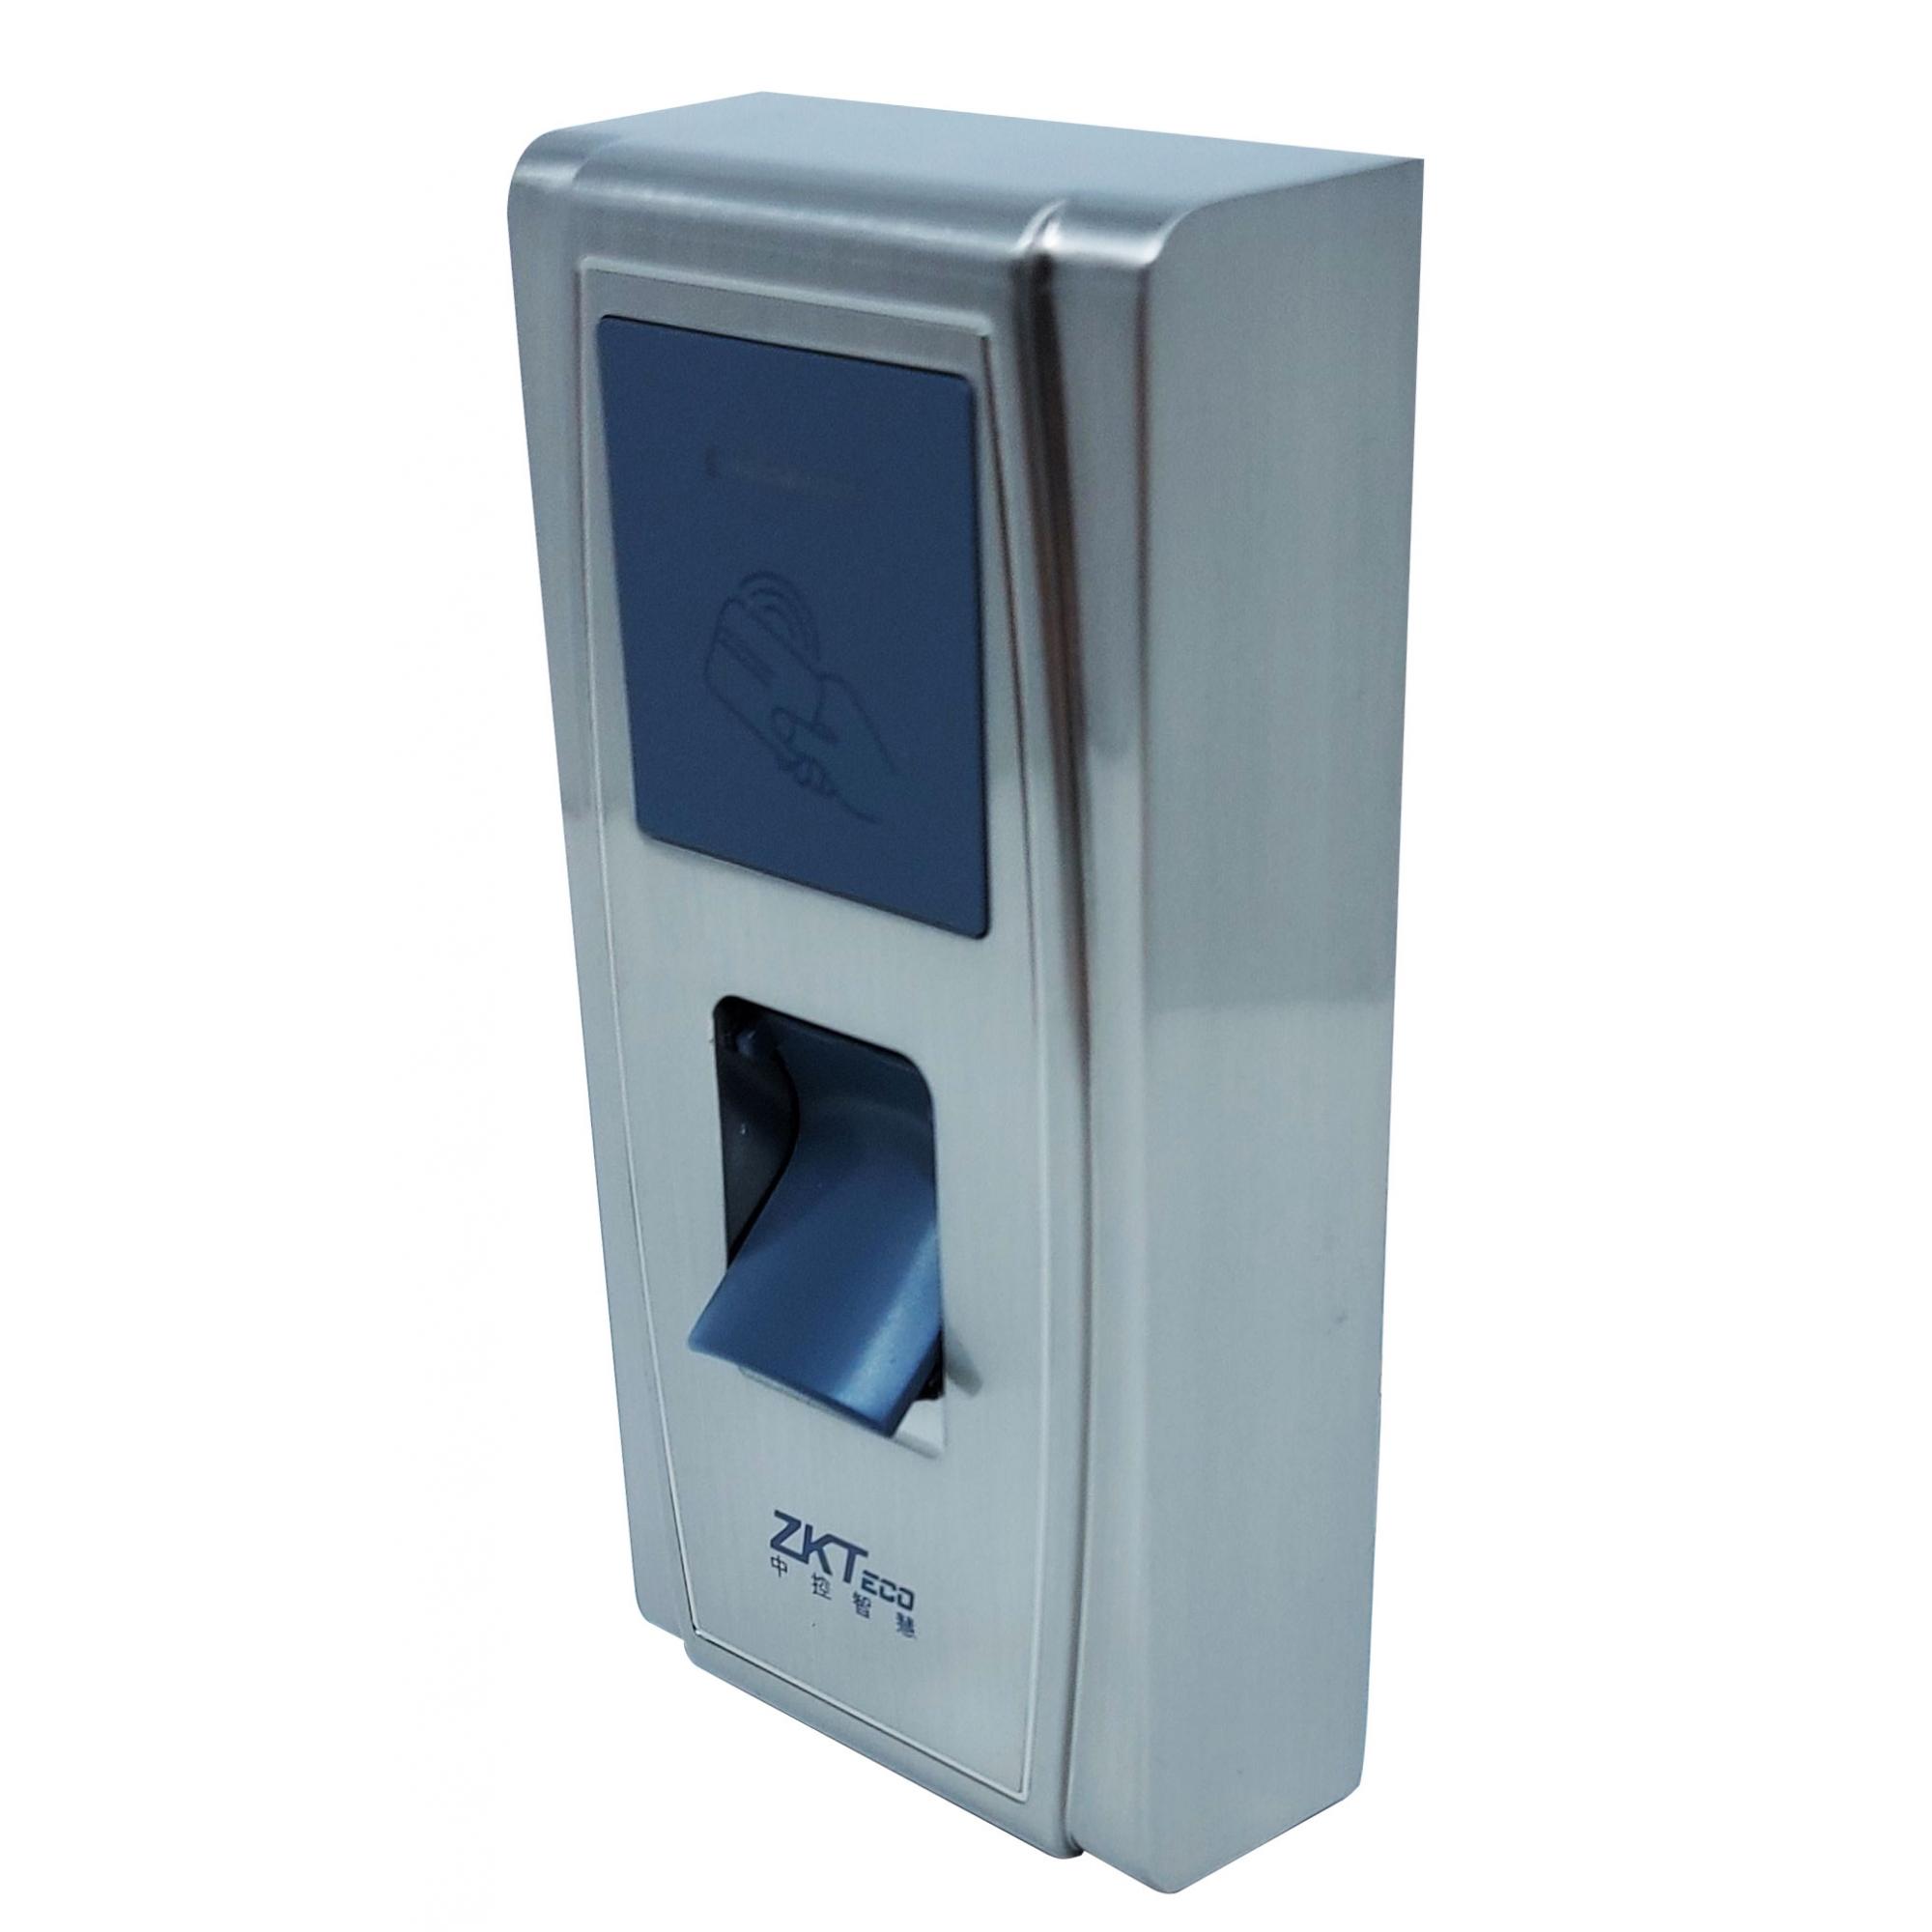 Controle de Acesso IP65 Biometria até 1500 e cartão até 10.000 - 20535